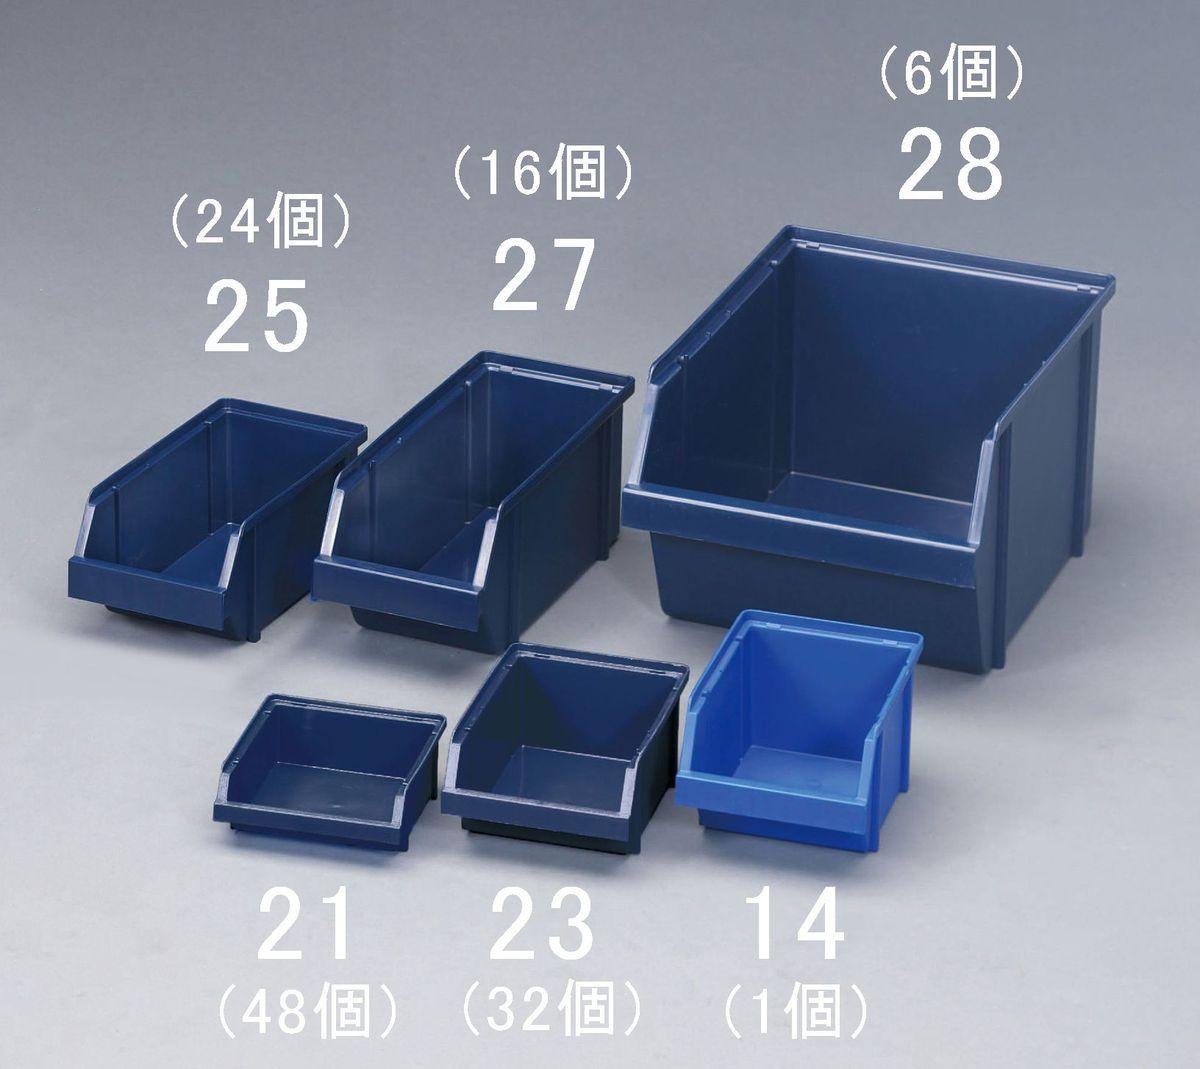 【メーカー在庫あり】 エスコ ESCO 256x365x200mm パーツトレー(重ね置型 青/ 6個) 000012261662 JP店